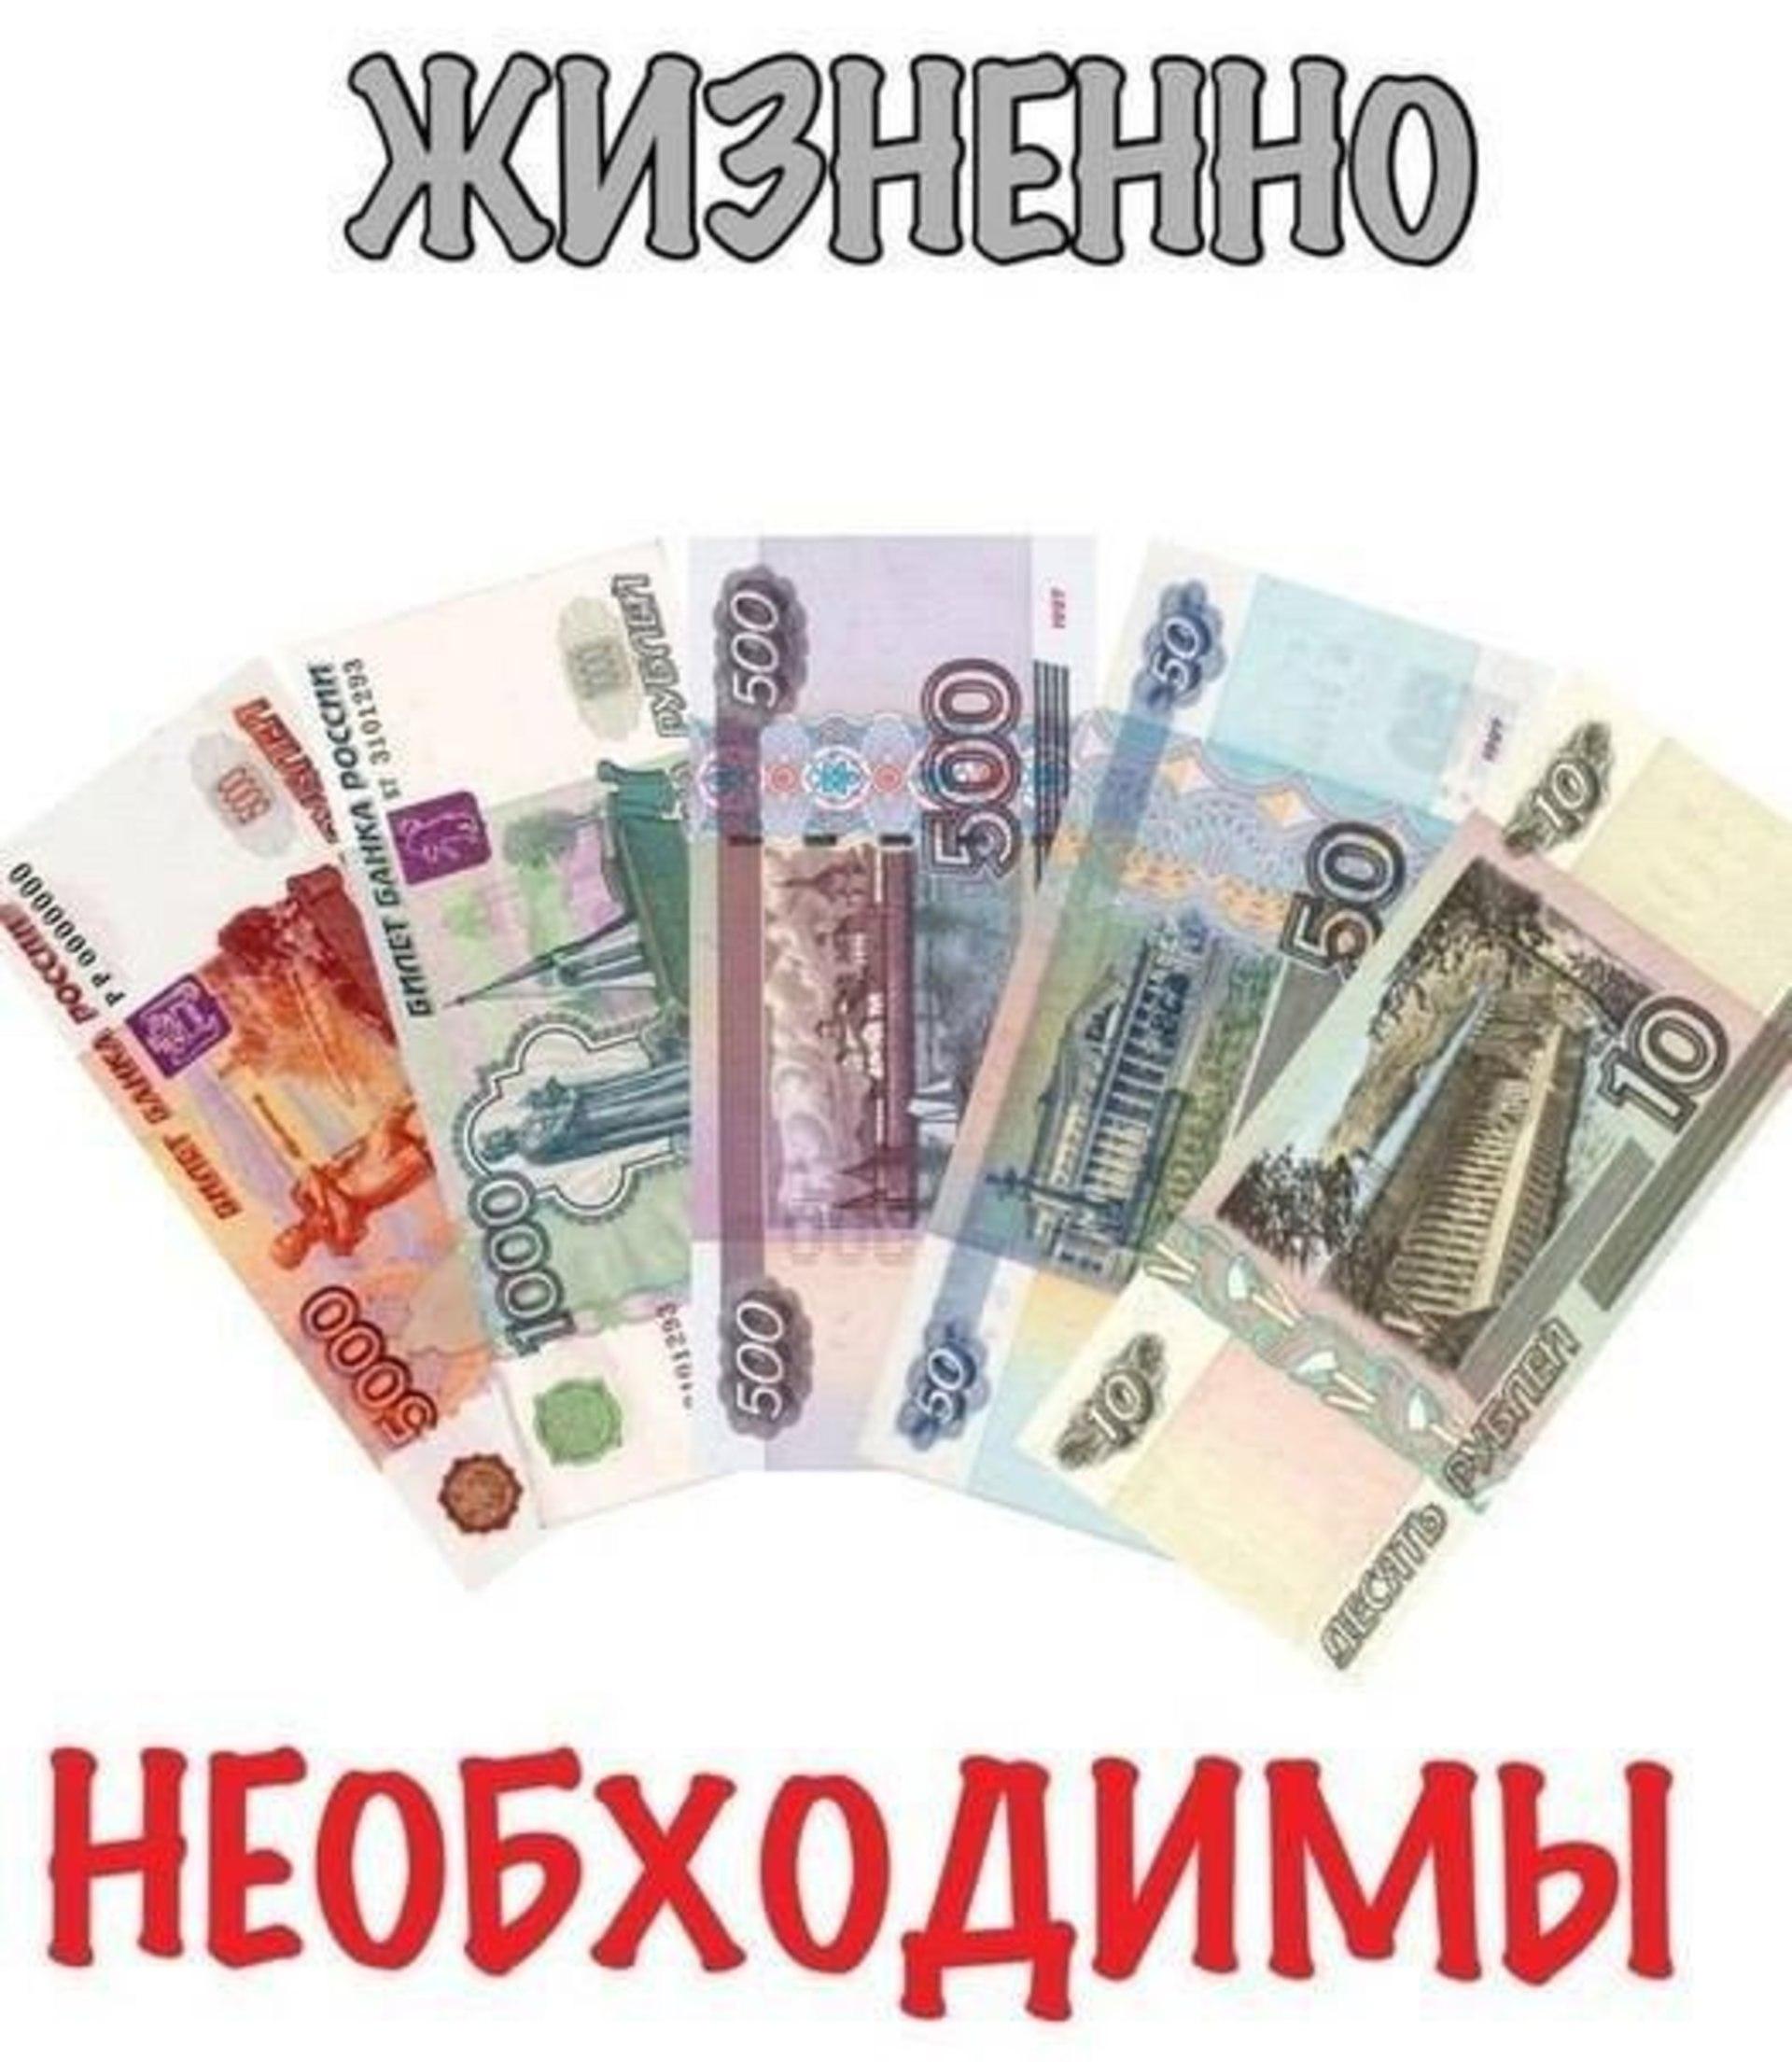 занять денег срочно в новосибирске